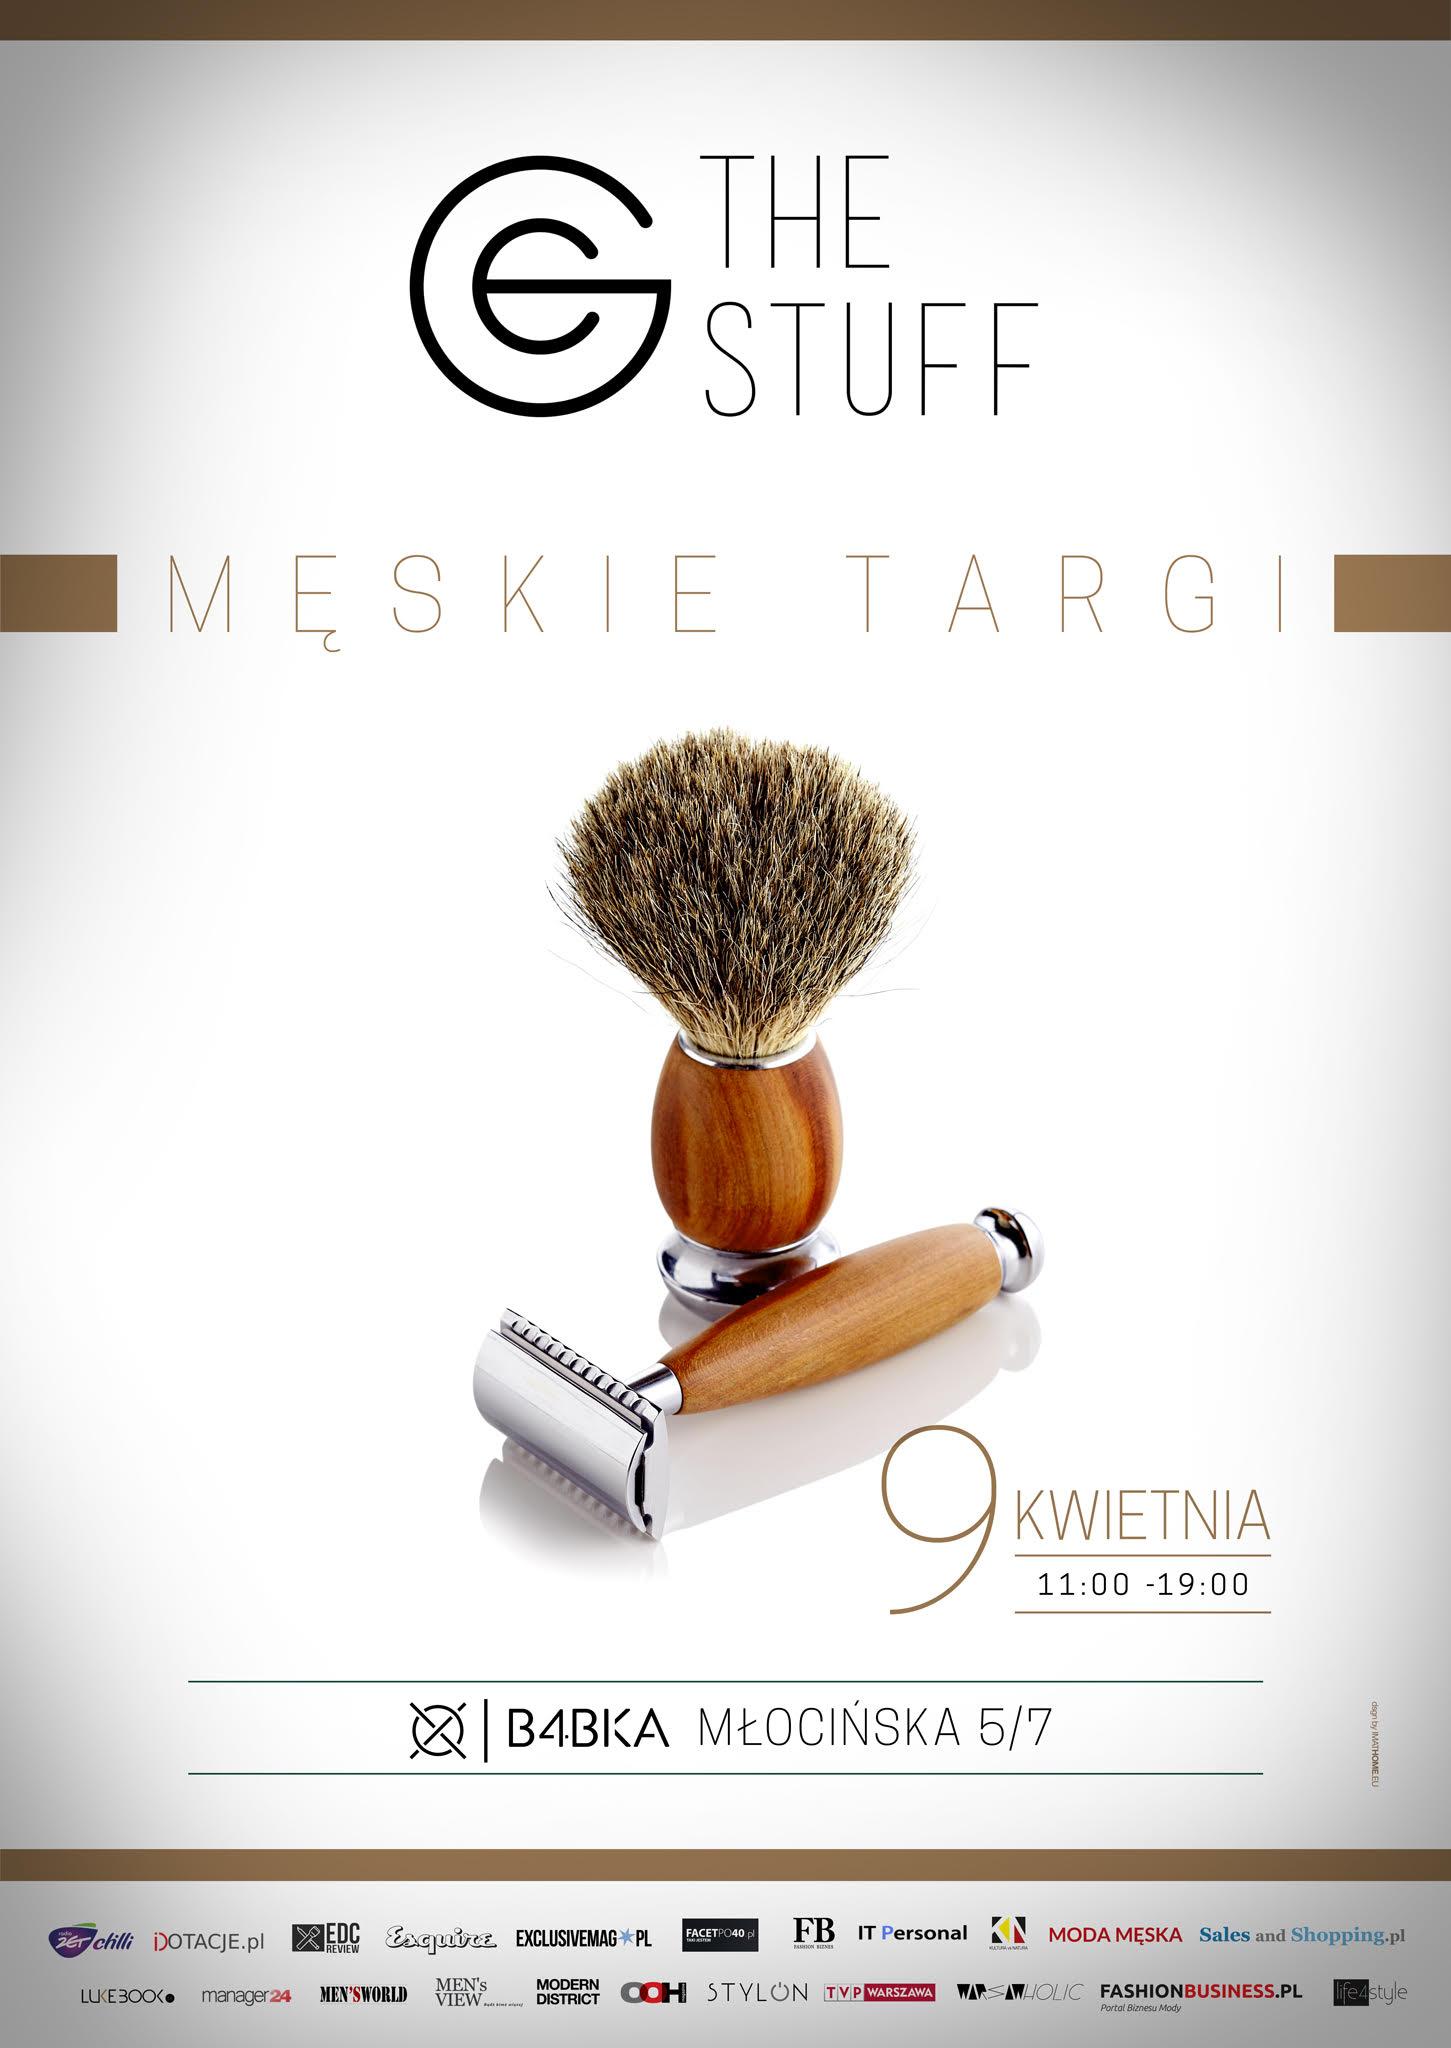 Męskie targi The Stuff Warszawa 9 kwietnia 2017